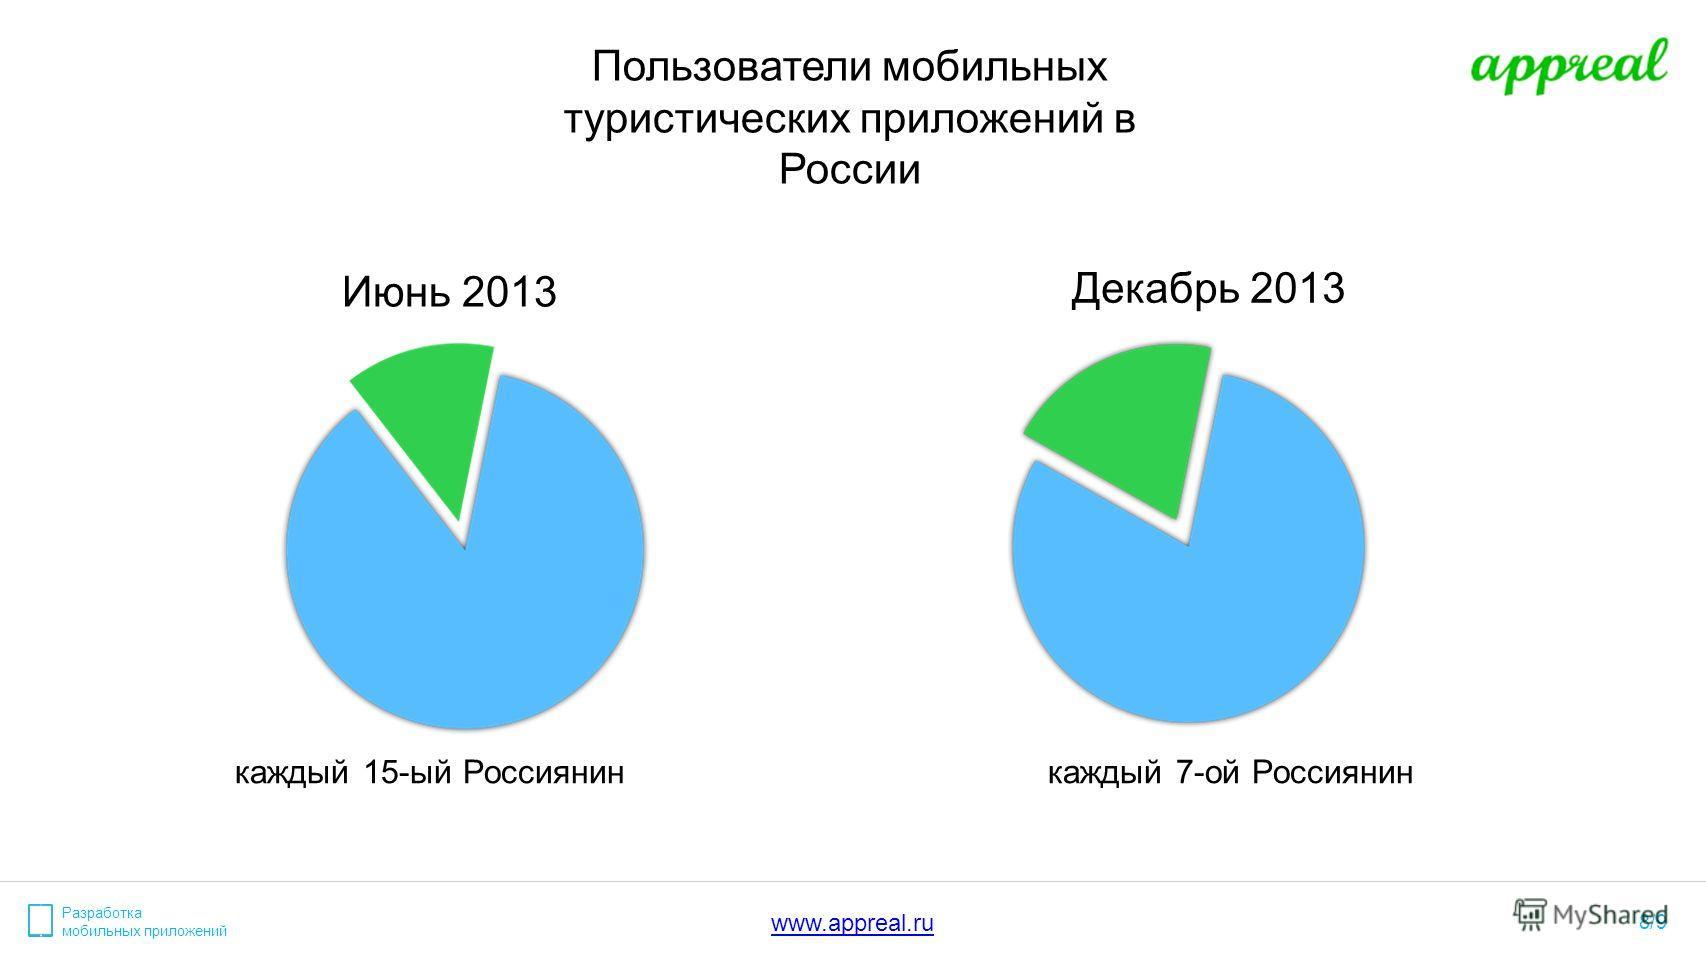 Разработка мобильных приложений 8/9 www.appreal.ru Пользователи мобильных туристических приложений в России Июнь 2013 каждый 15-ый Россиянин Декабрь 2013 каждый 7-ой Россиянин